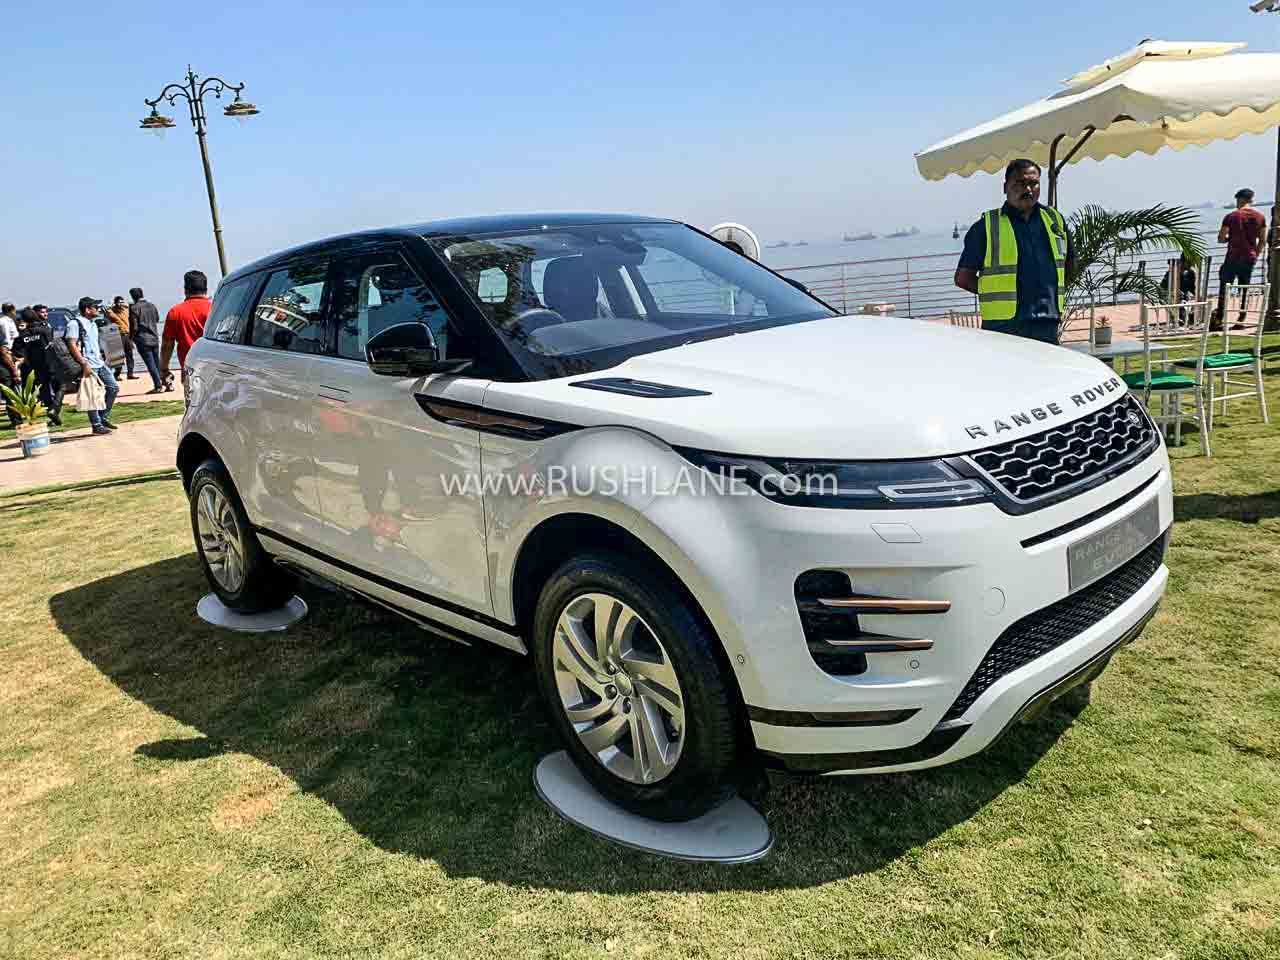 New gen Range Rover Evoque